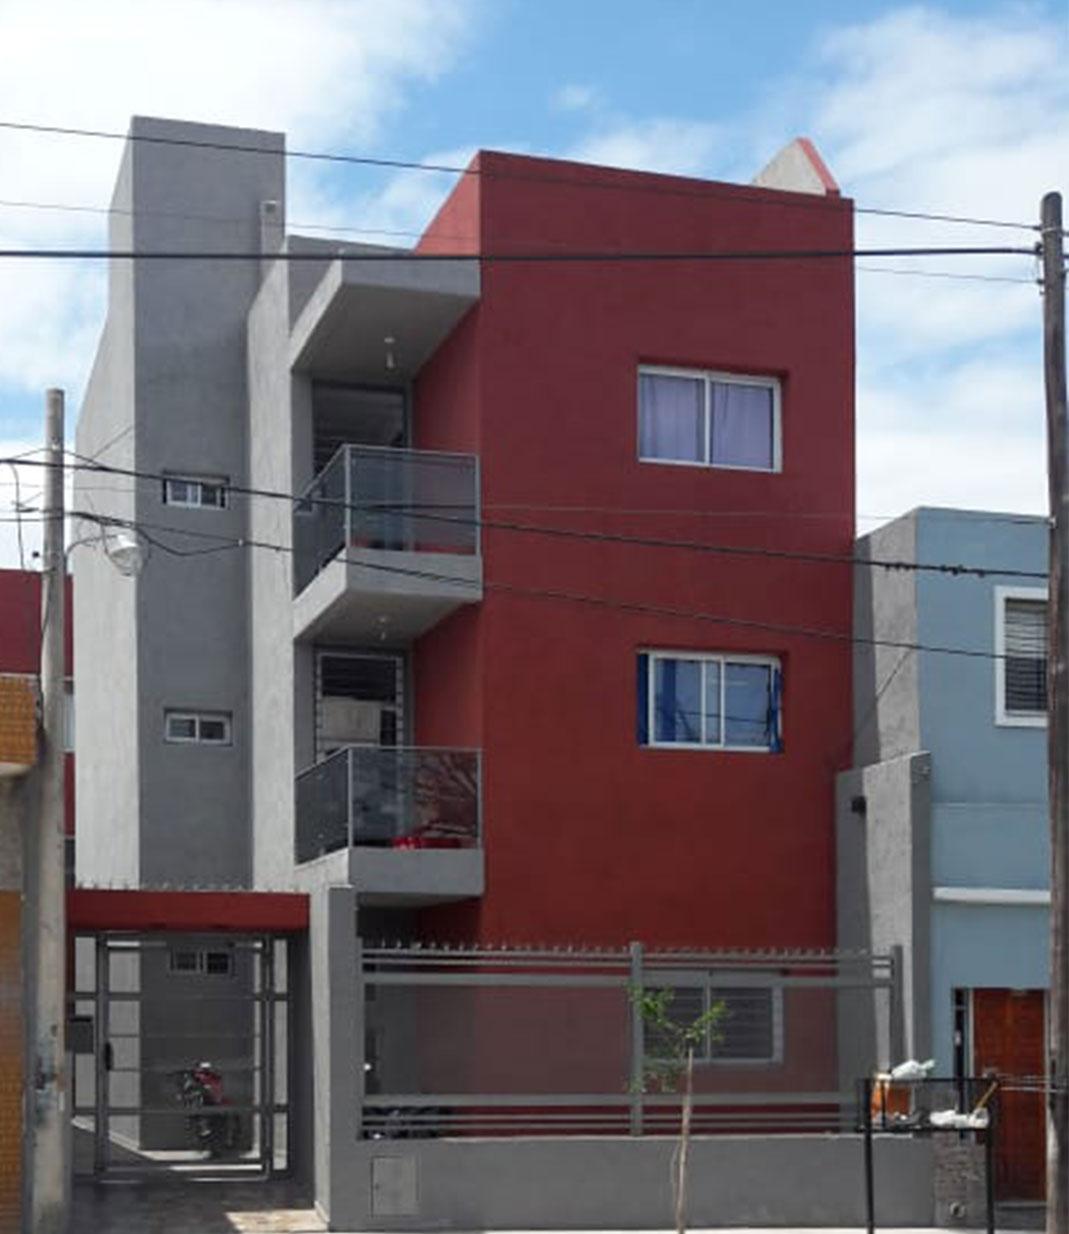 Construccion complejo de departamento en Córdoba